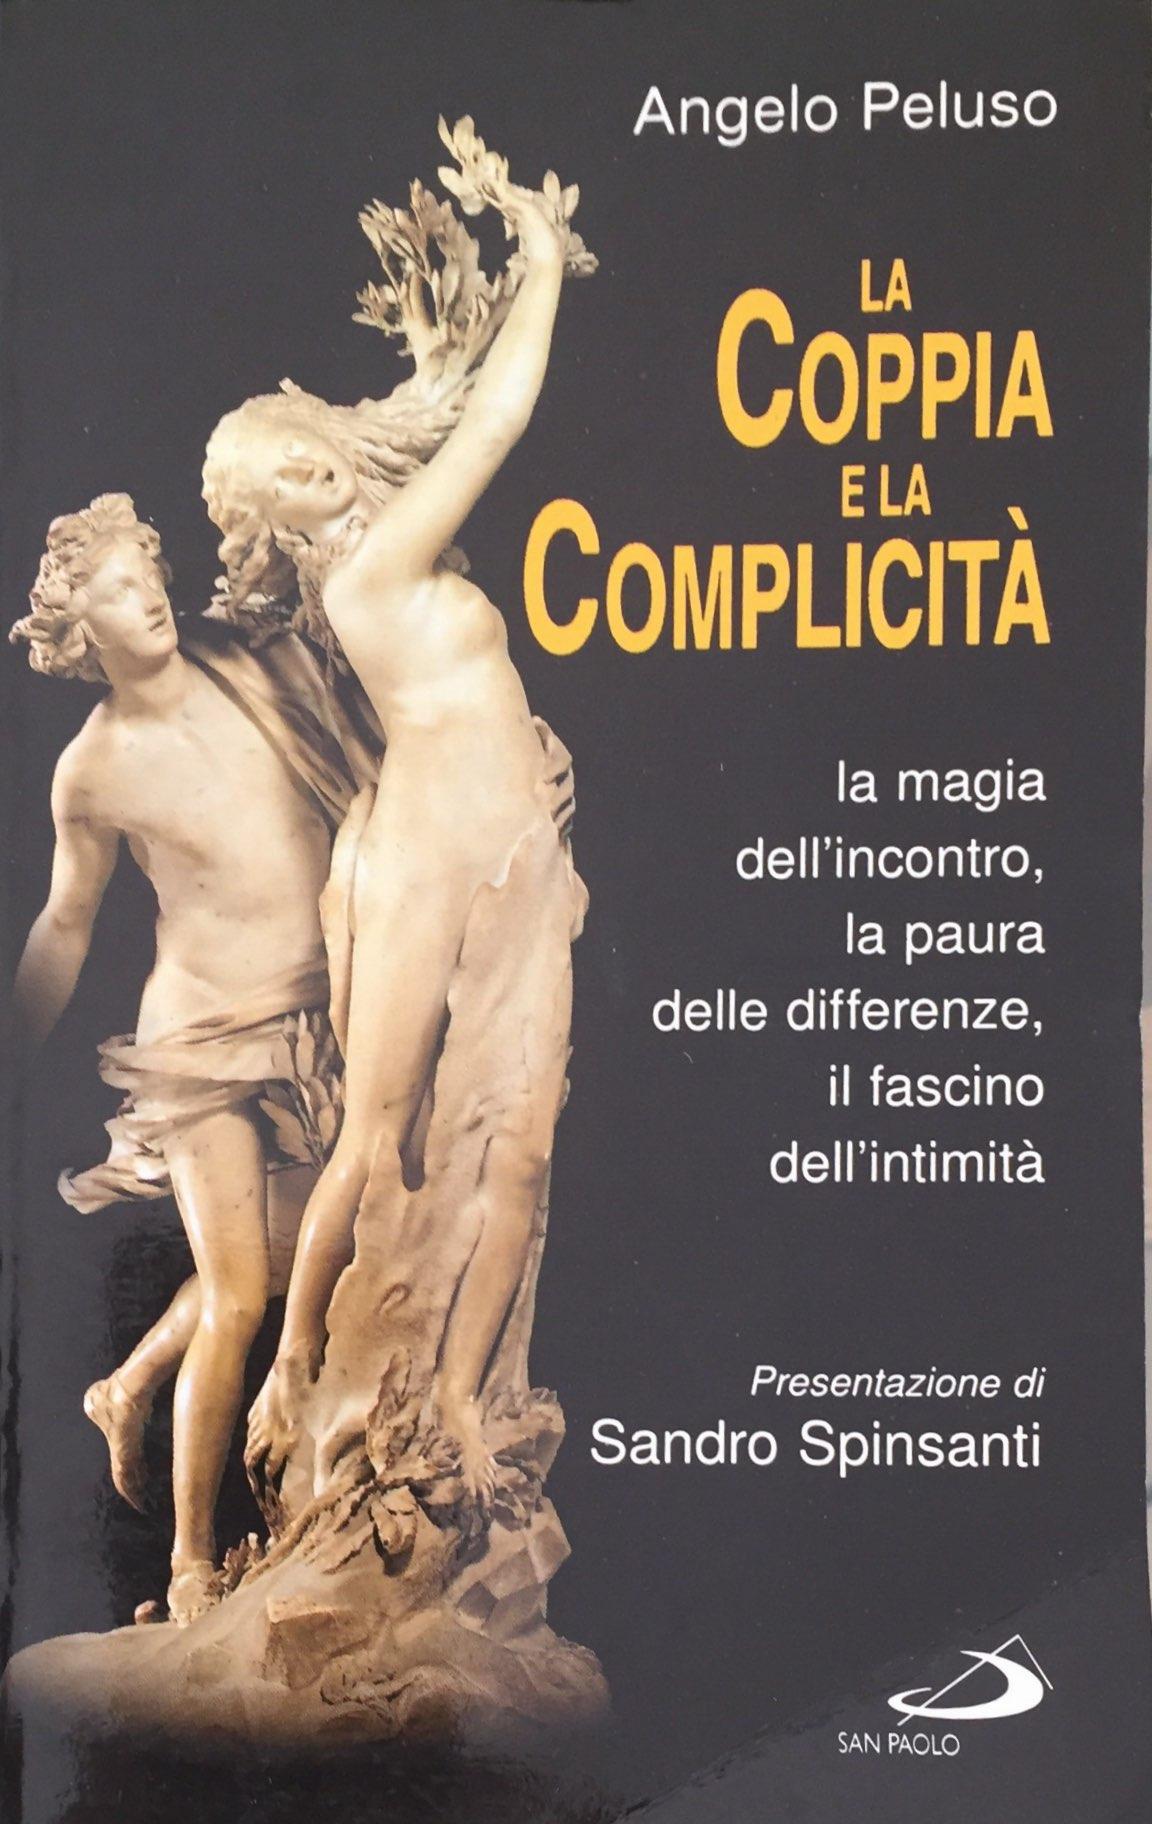 LA COPPIA E LA COMPLICITA' La Magia Dell'incontro, La Paura Delle Differenze, Il Fascino Dell'intimità